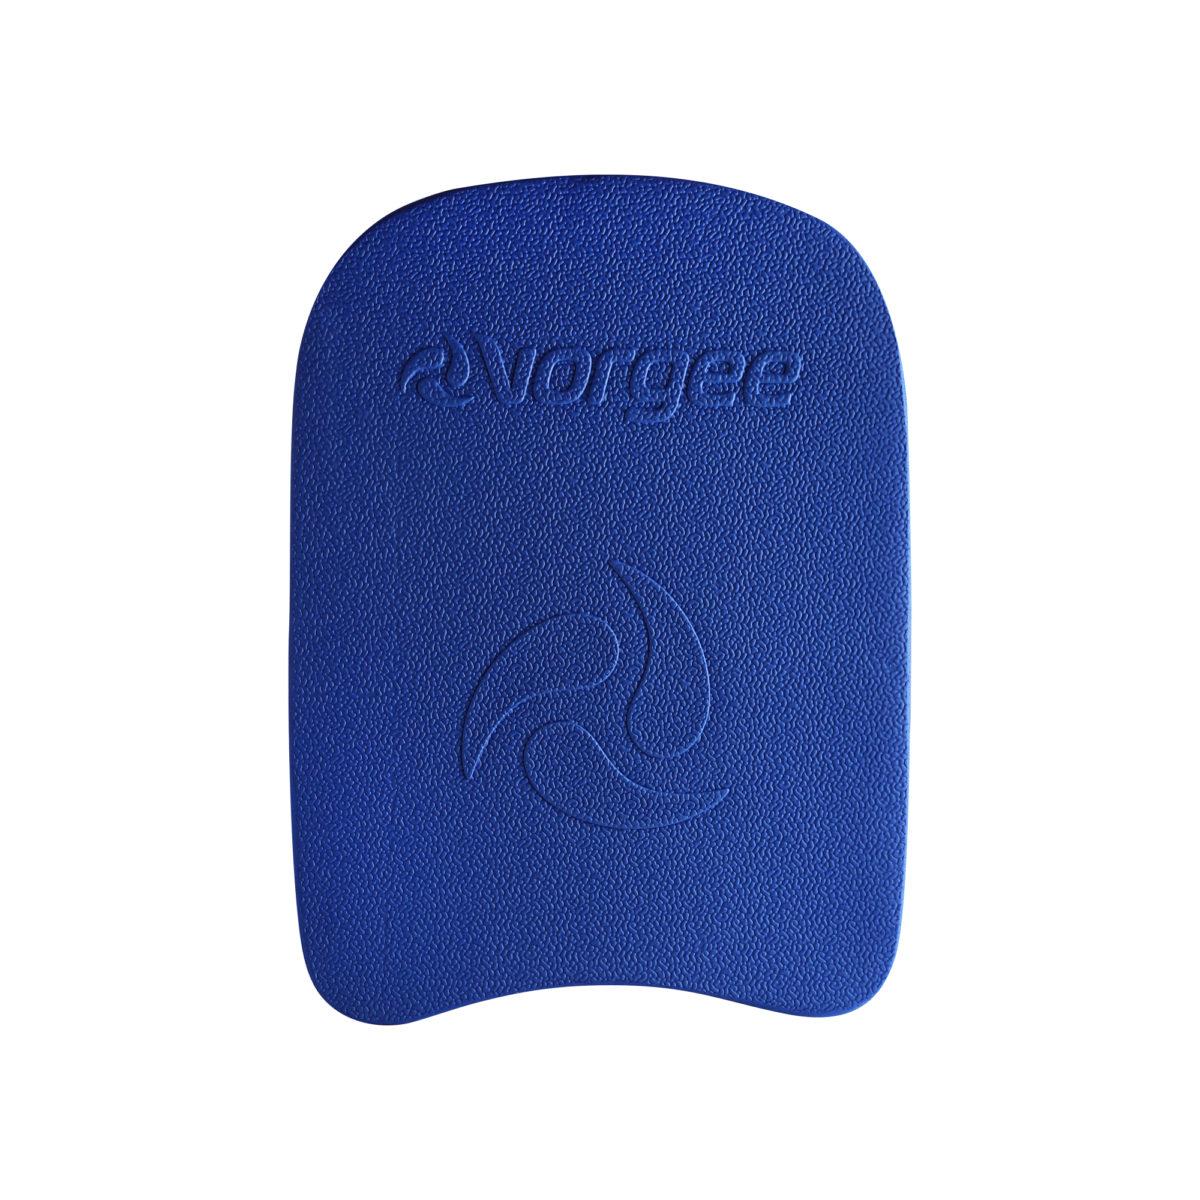 Medium Kickboard - blue